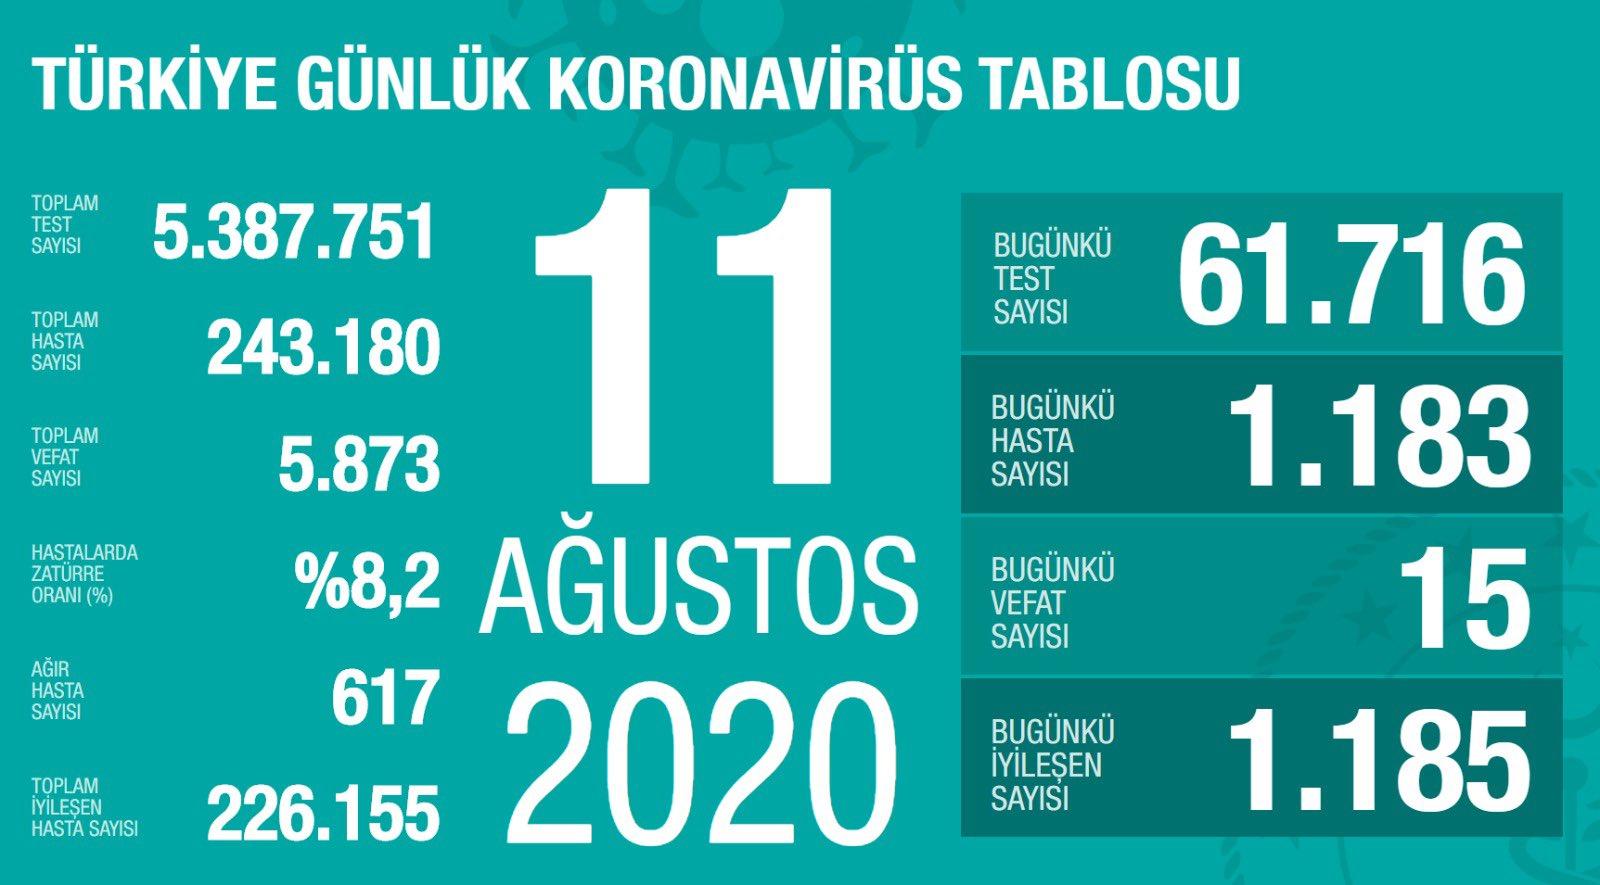 11 Ağustos Türkiye Koronavirüs Tablosu Açıkladı